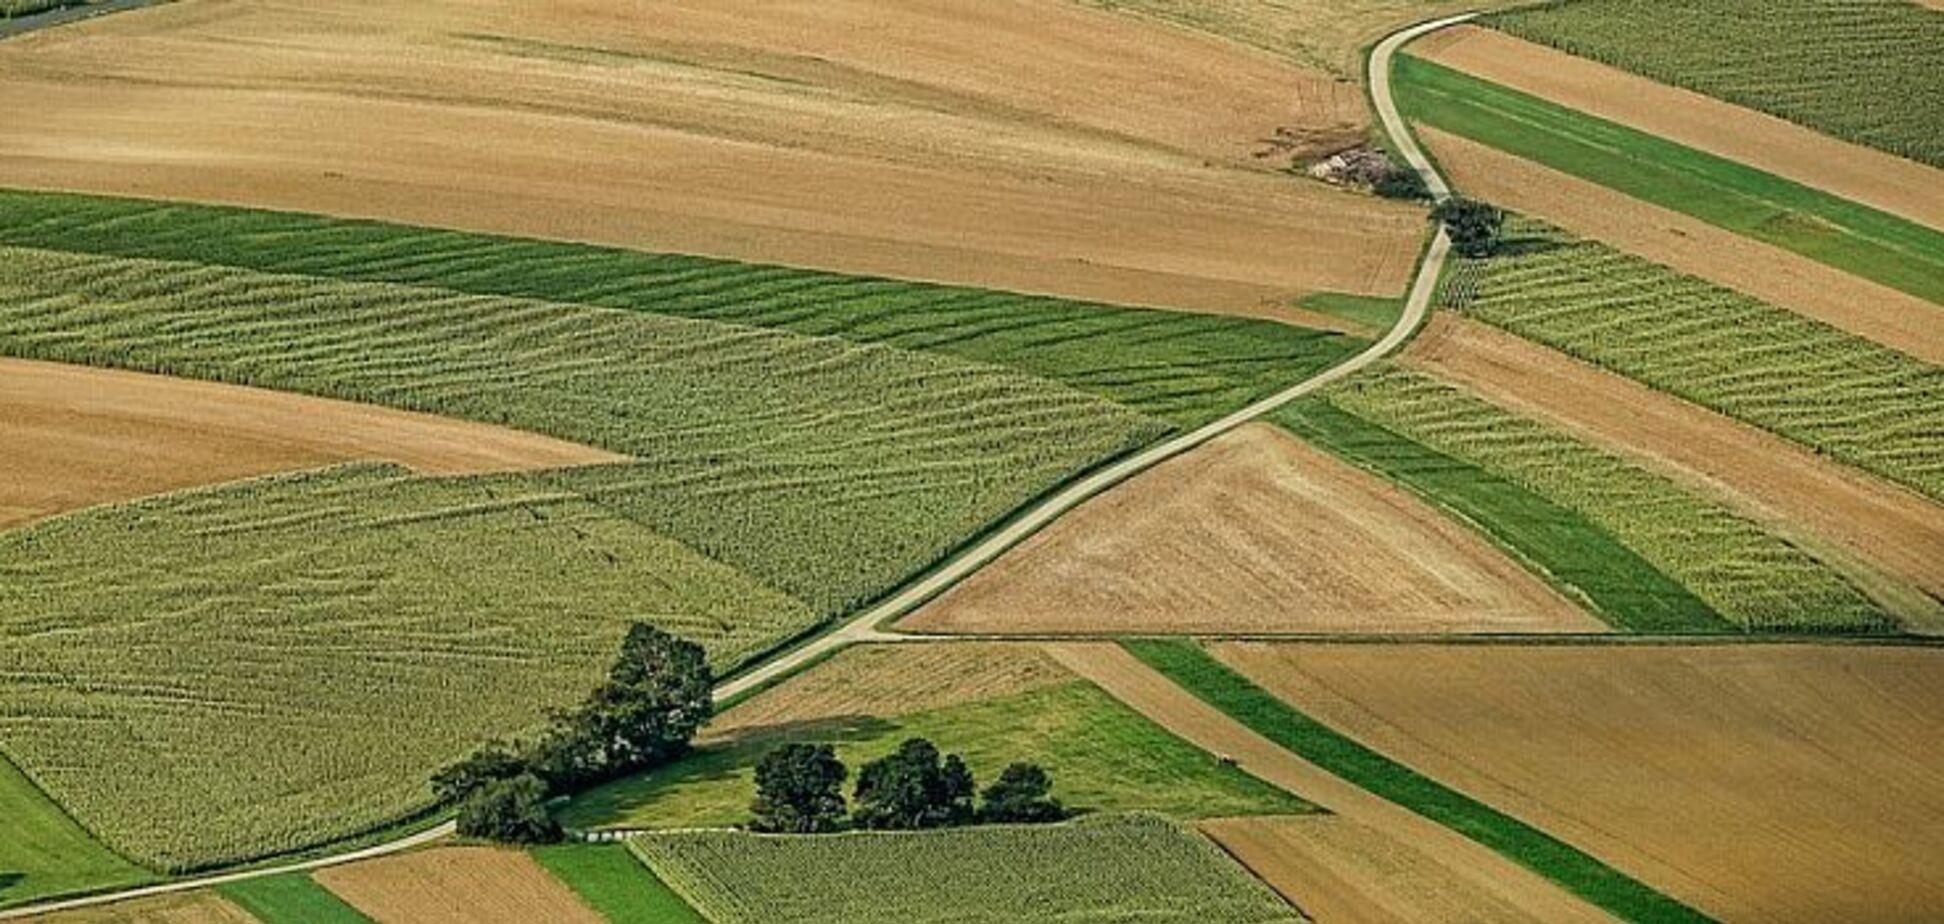 Земельний уряд: законодавча ініціатива з національно-орієнтованого законодавства з земельних відносин